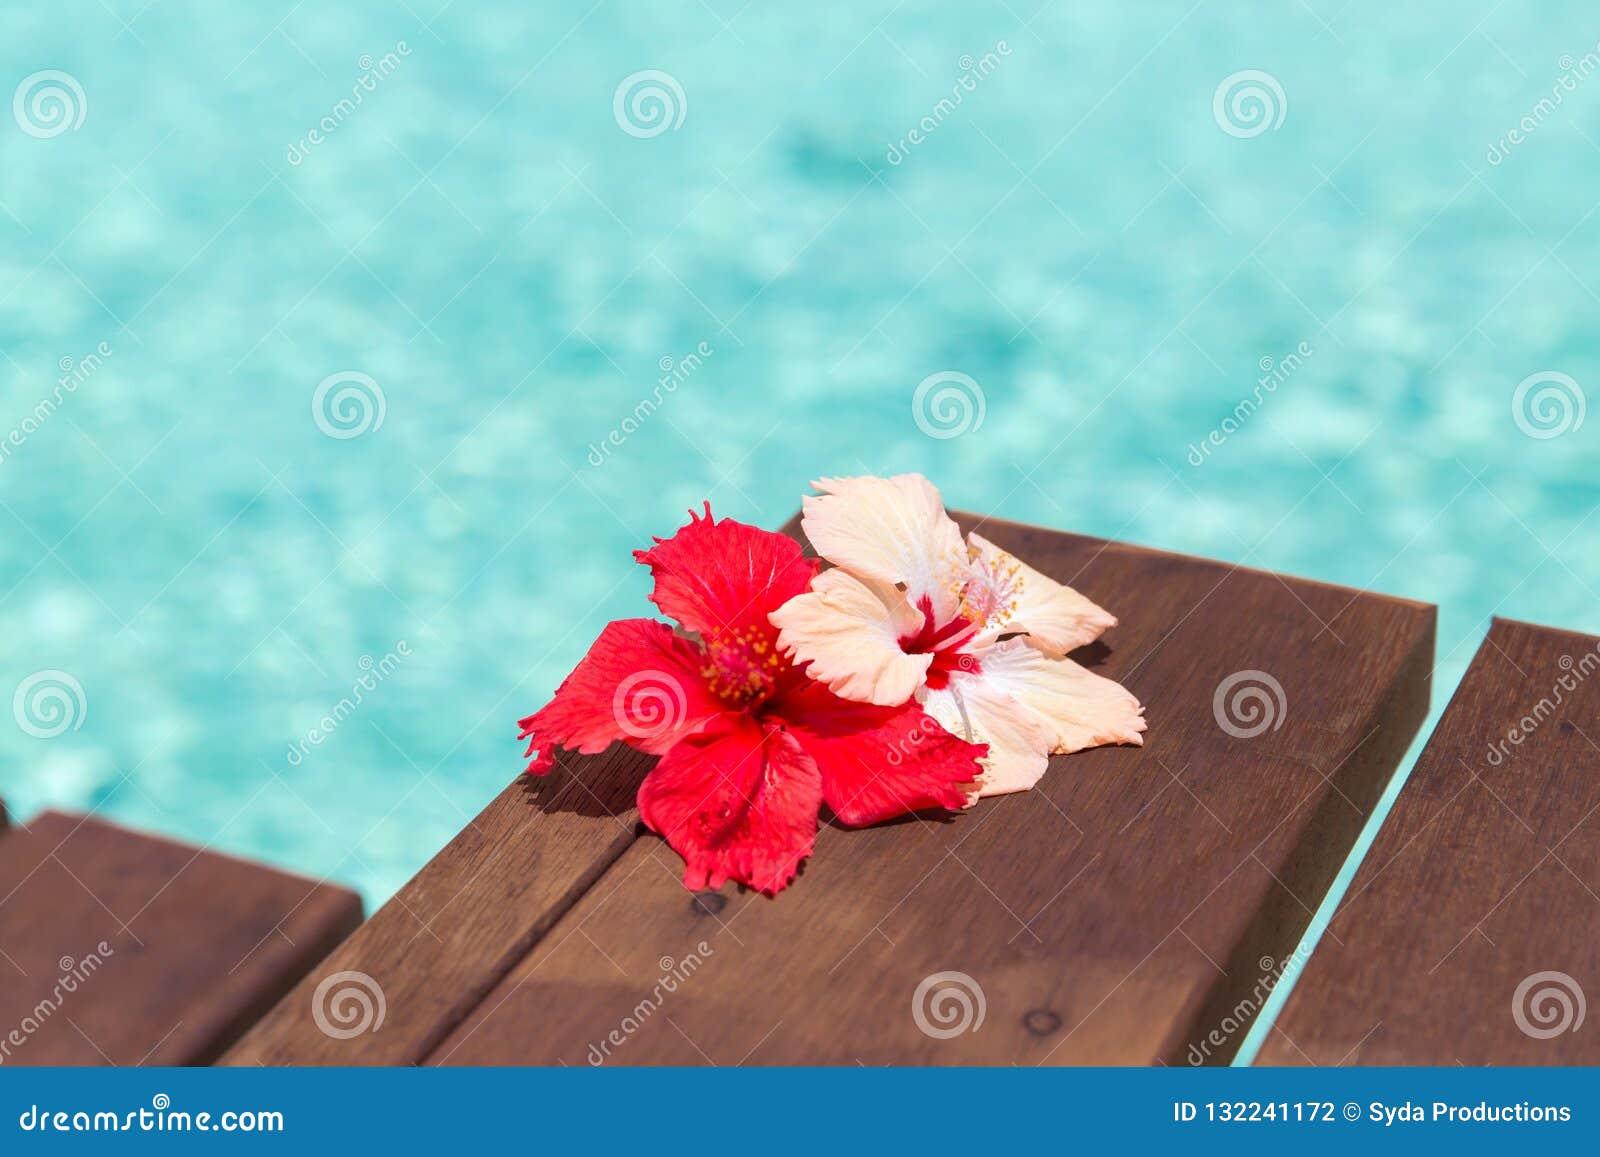 Красивый пурпурный цветок гибискуса на деревянной пристани